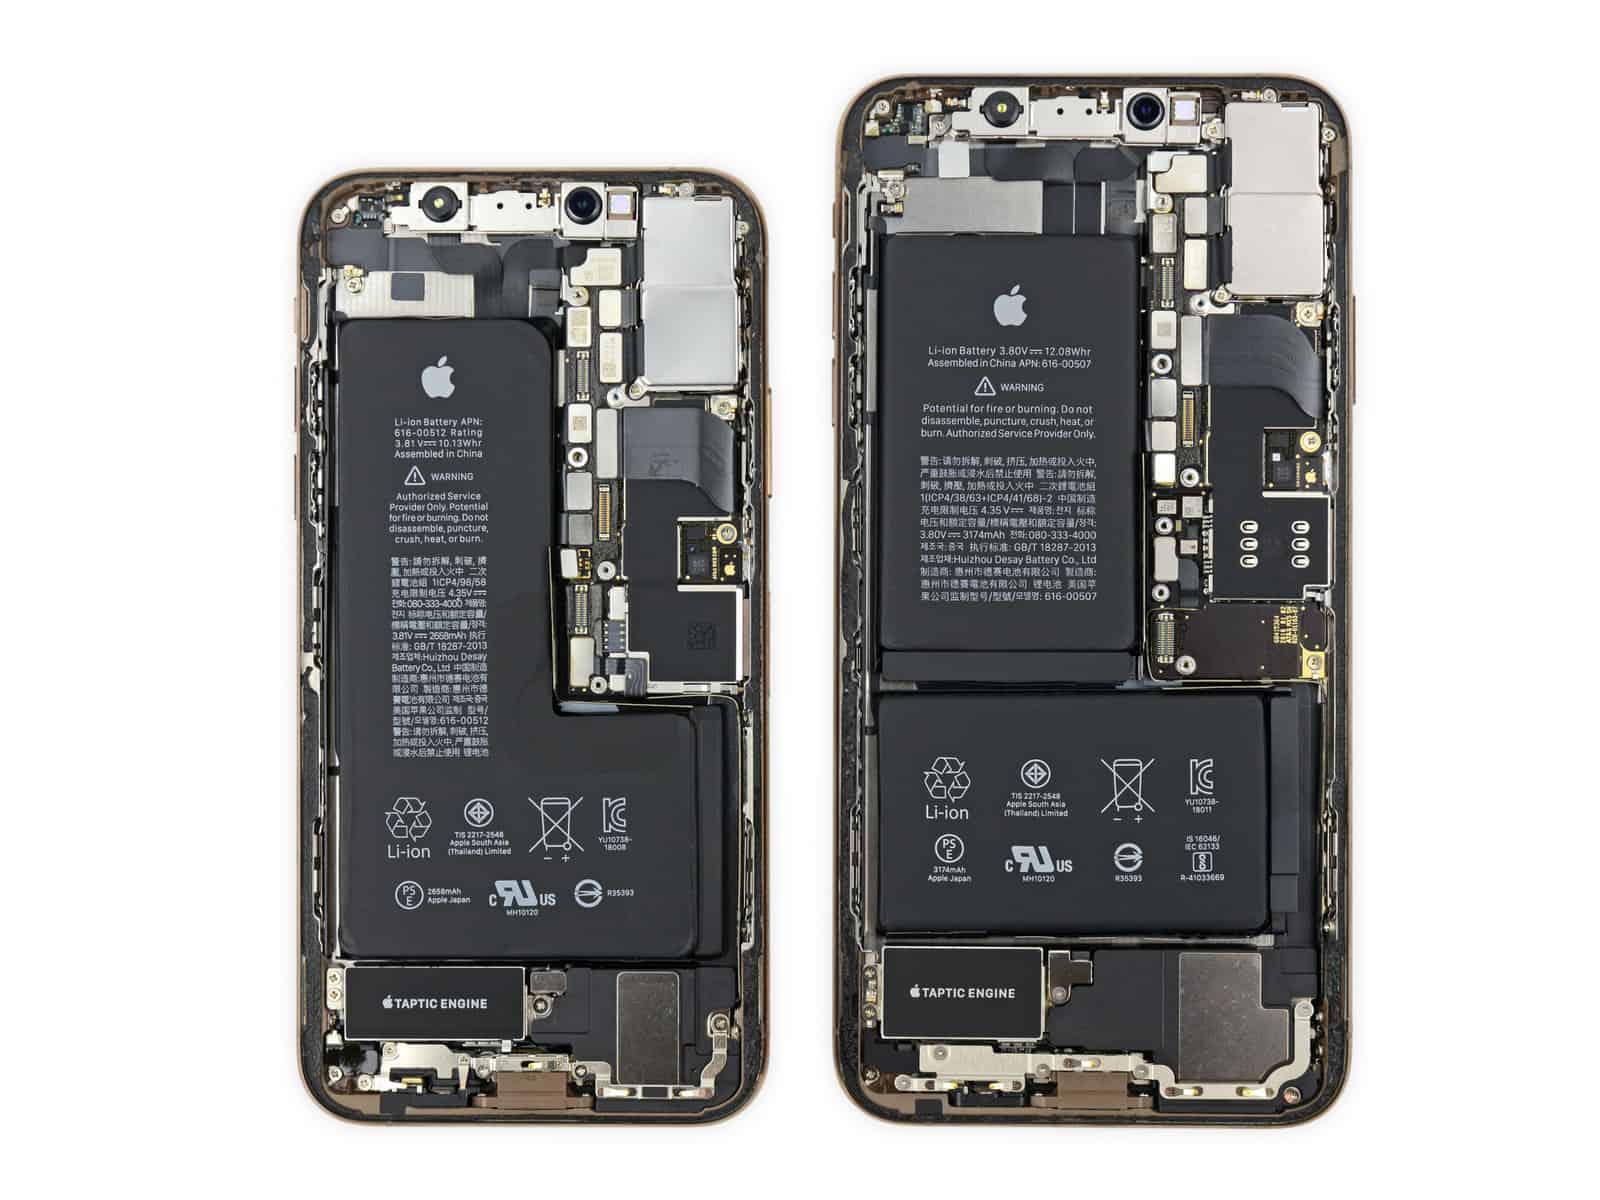 iPhone XS/XS Max 拆解:XS 電池用真 L 字形設計 機底玻璃跌破後仍要整部更換